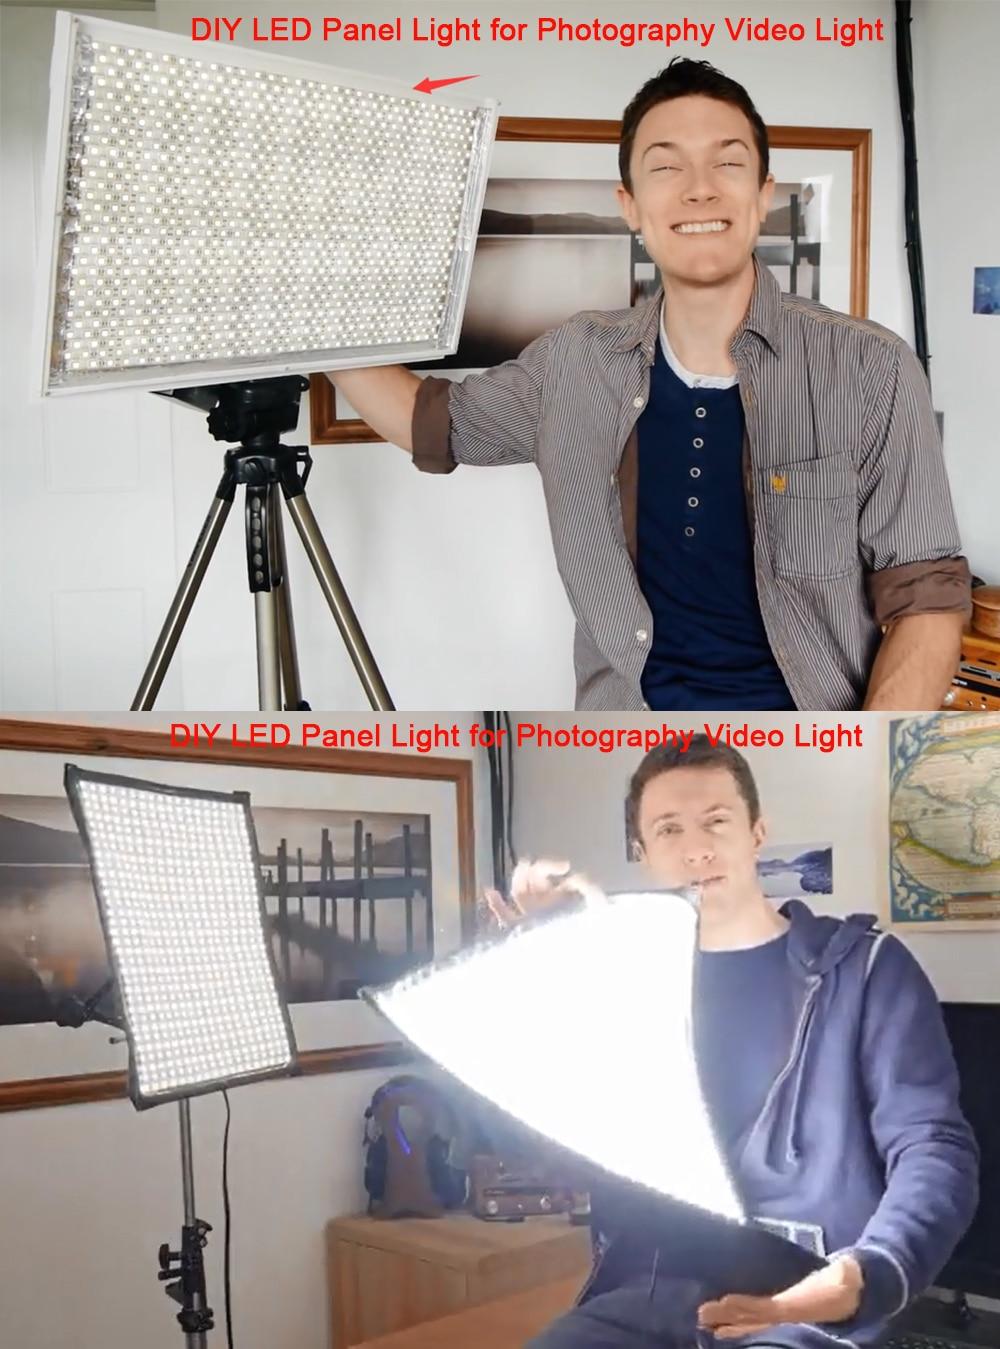 MARSWALLED 高 CRI RA 90 +/95 +/97 + LED ストリップライト SMD5630 昼白色 5600 18K カメラ写真 Diy LED パネルライト